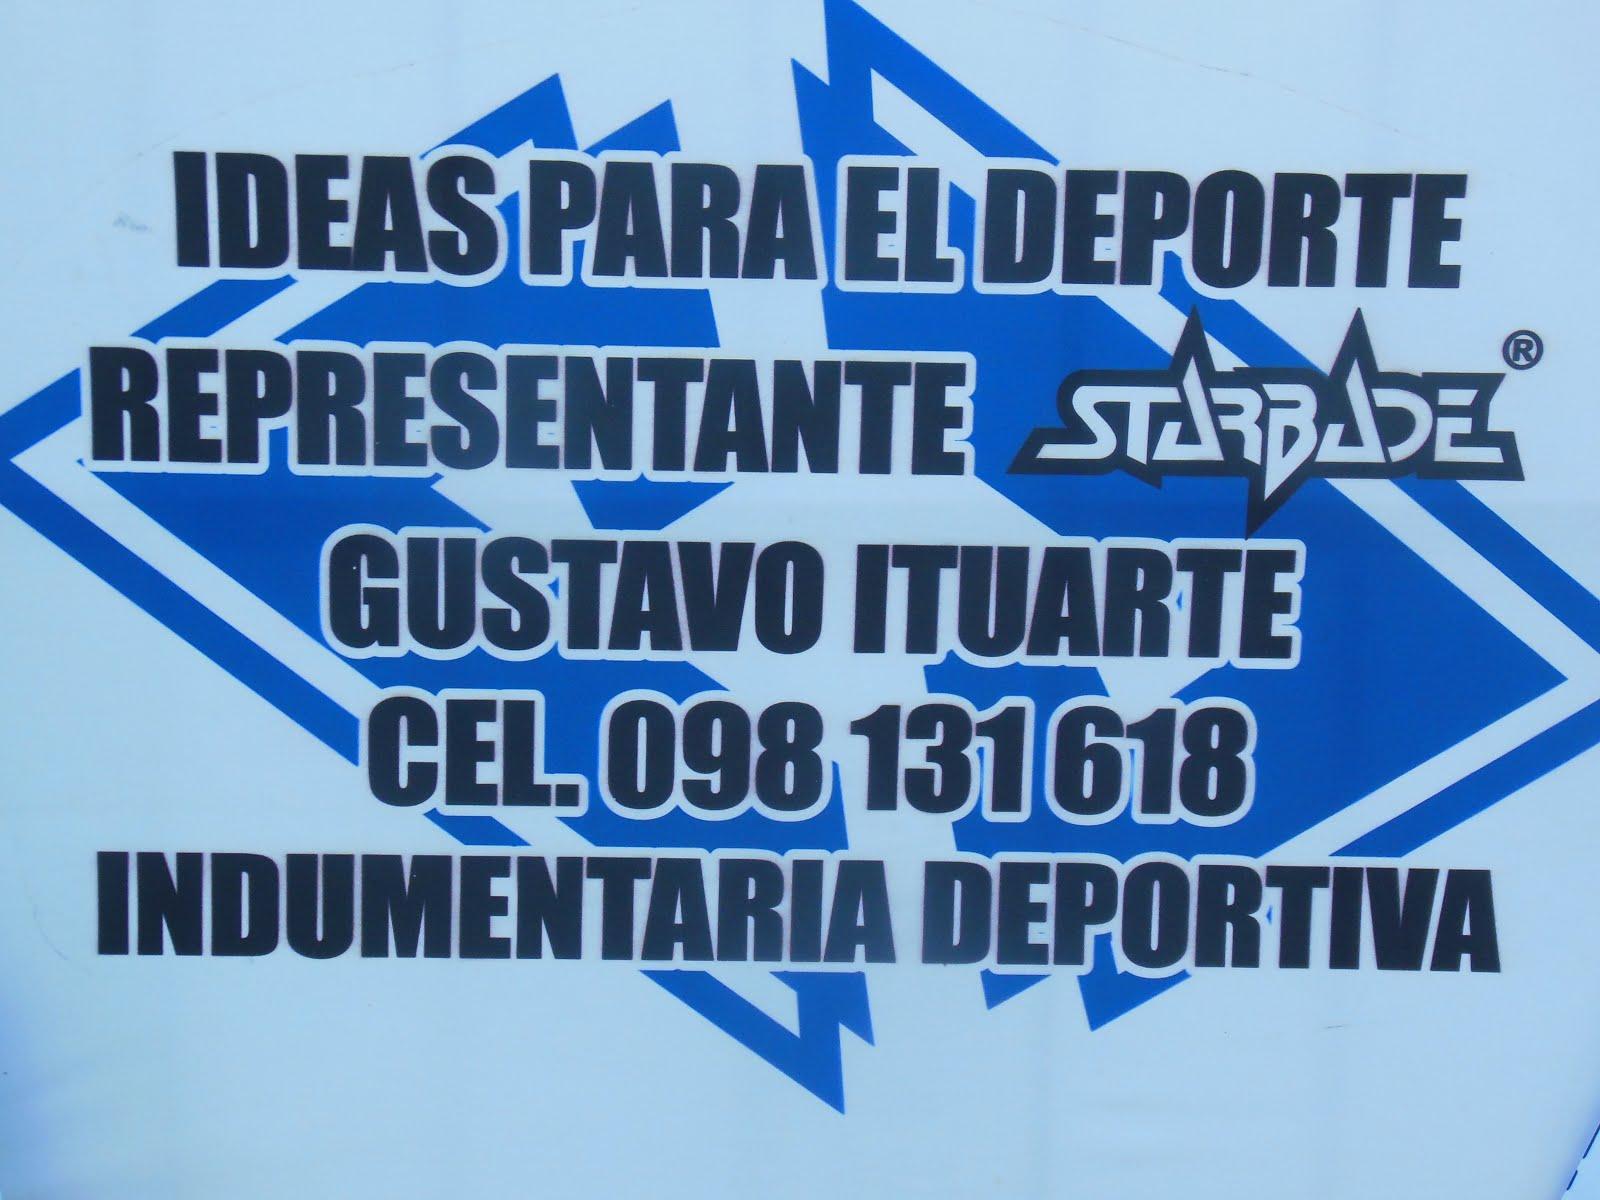 IDEAS PARA EL DEPORTE